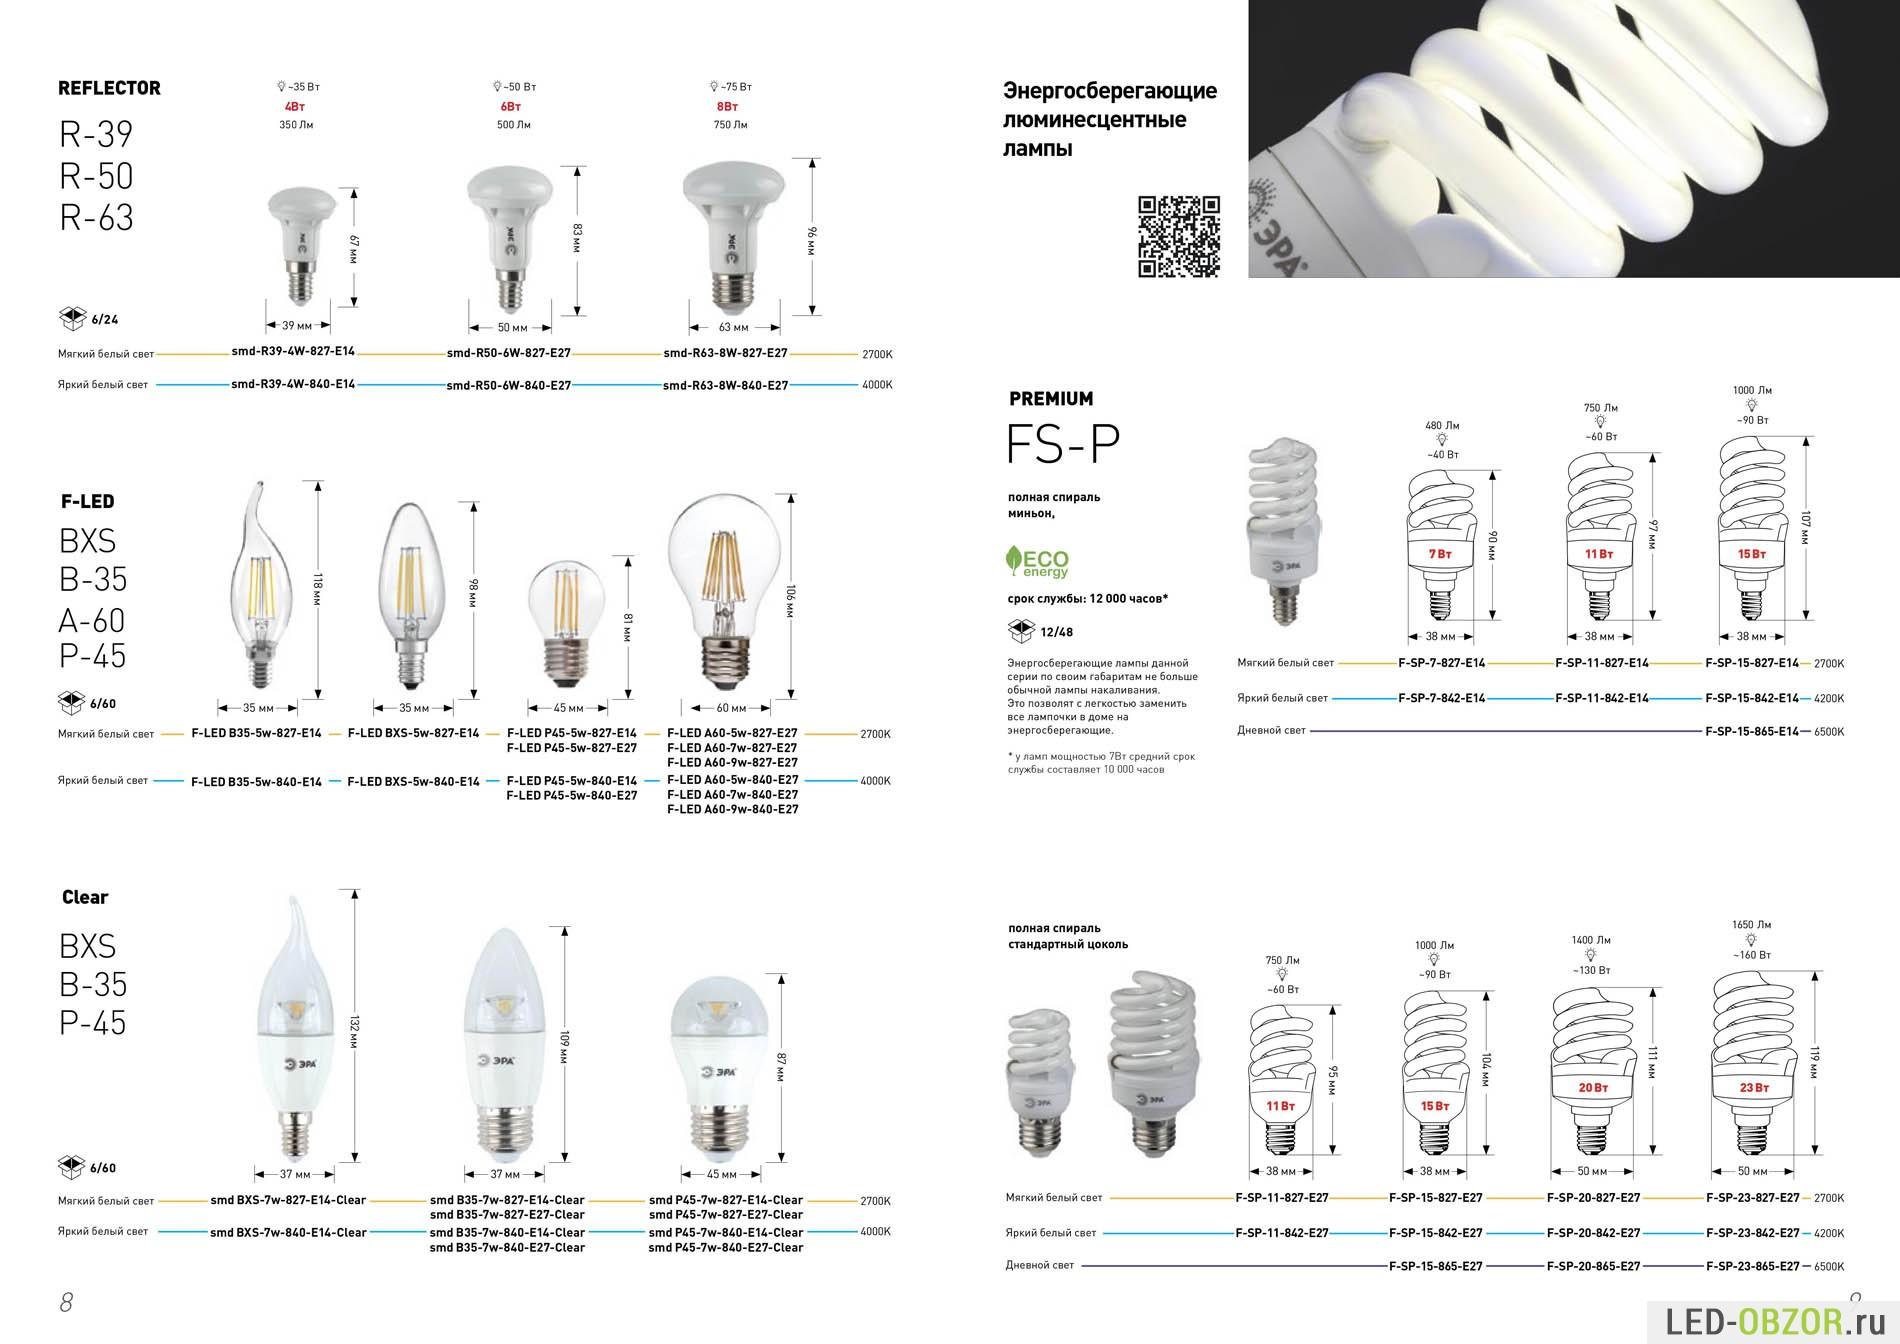 светодиодные лампы 12 в схема ходовые огни